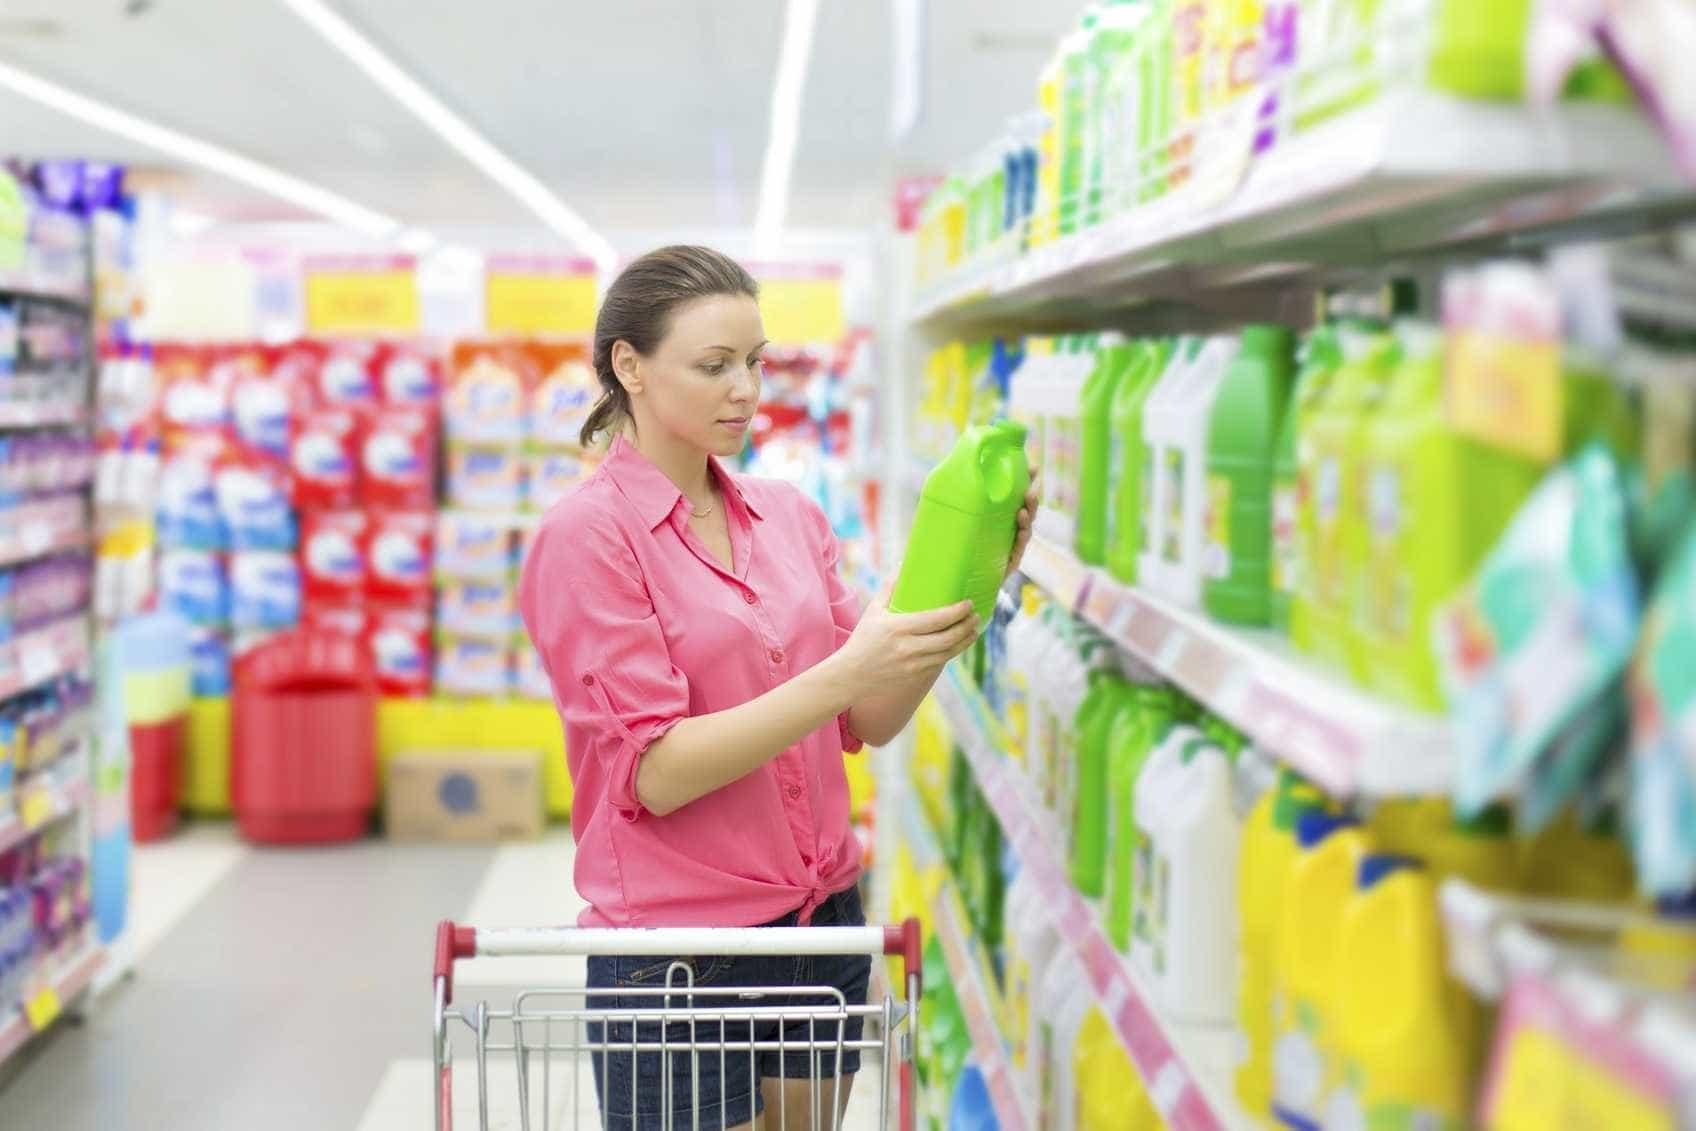 Anvisa suspende fabricação e venda de 58 produtos de limpeza